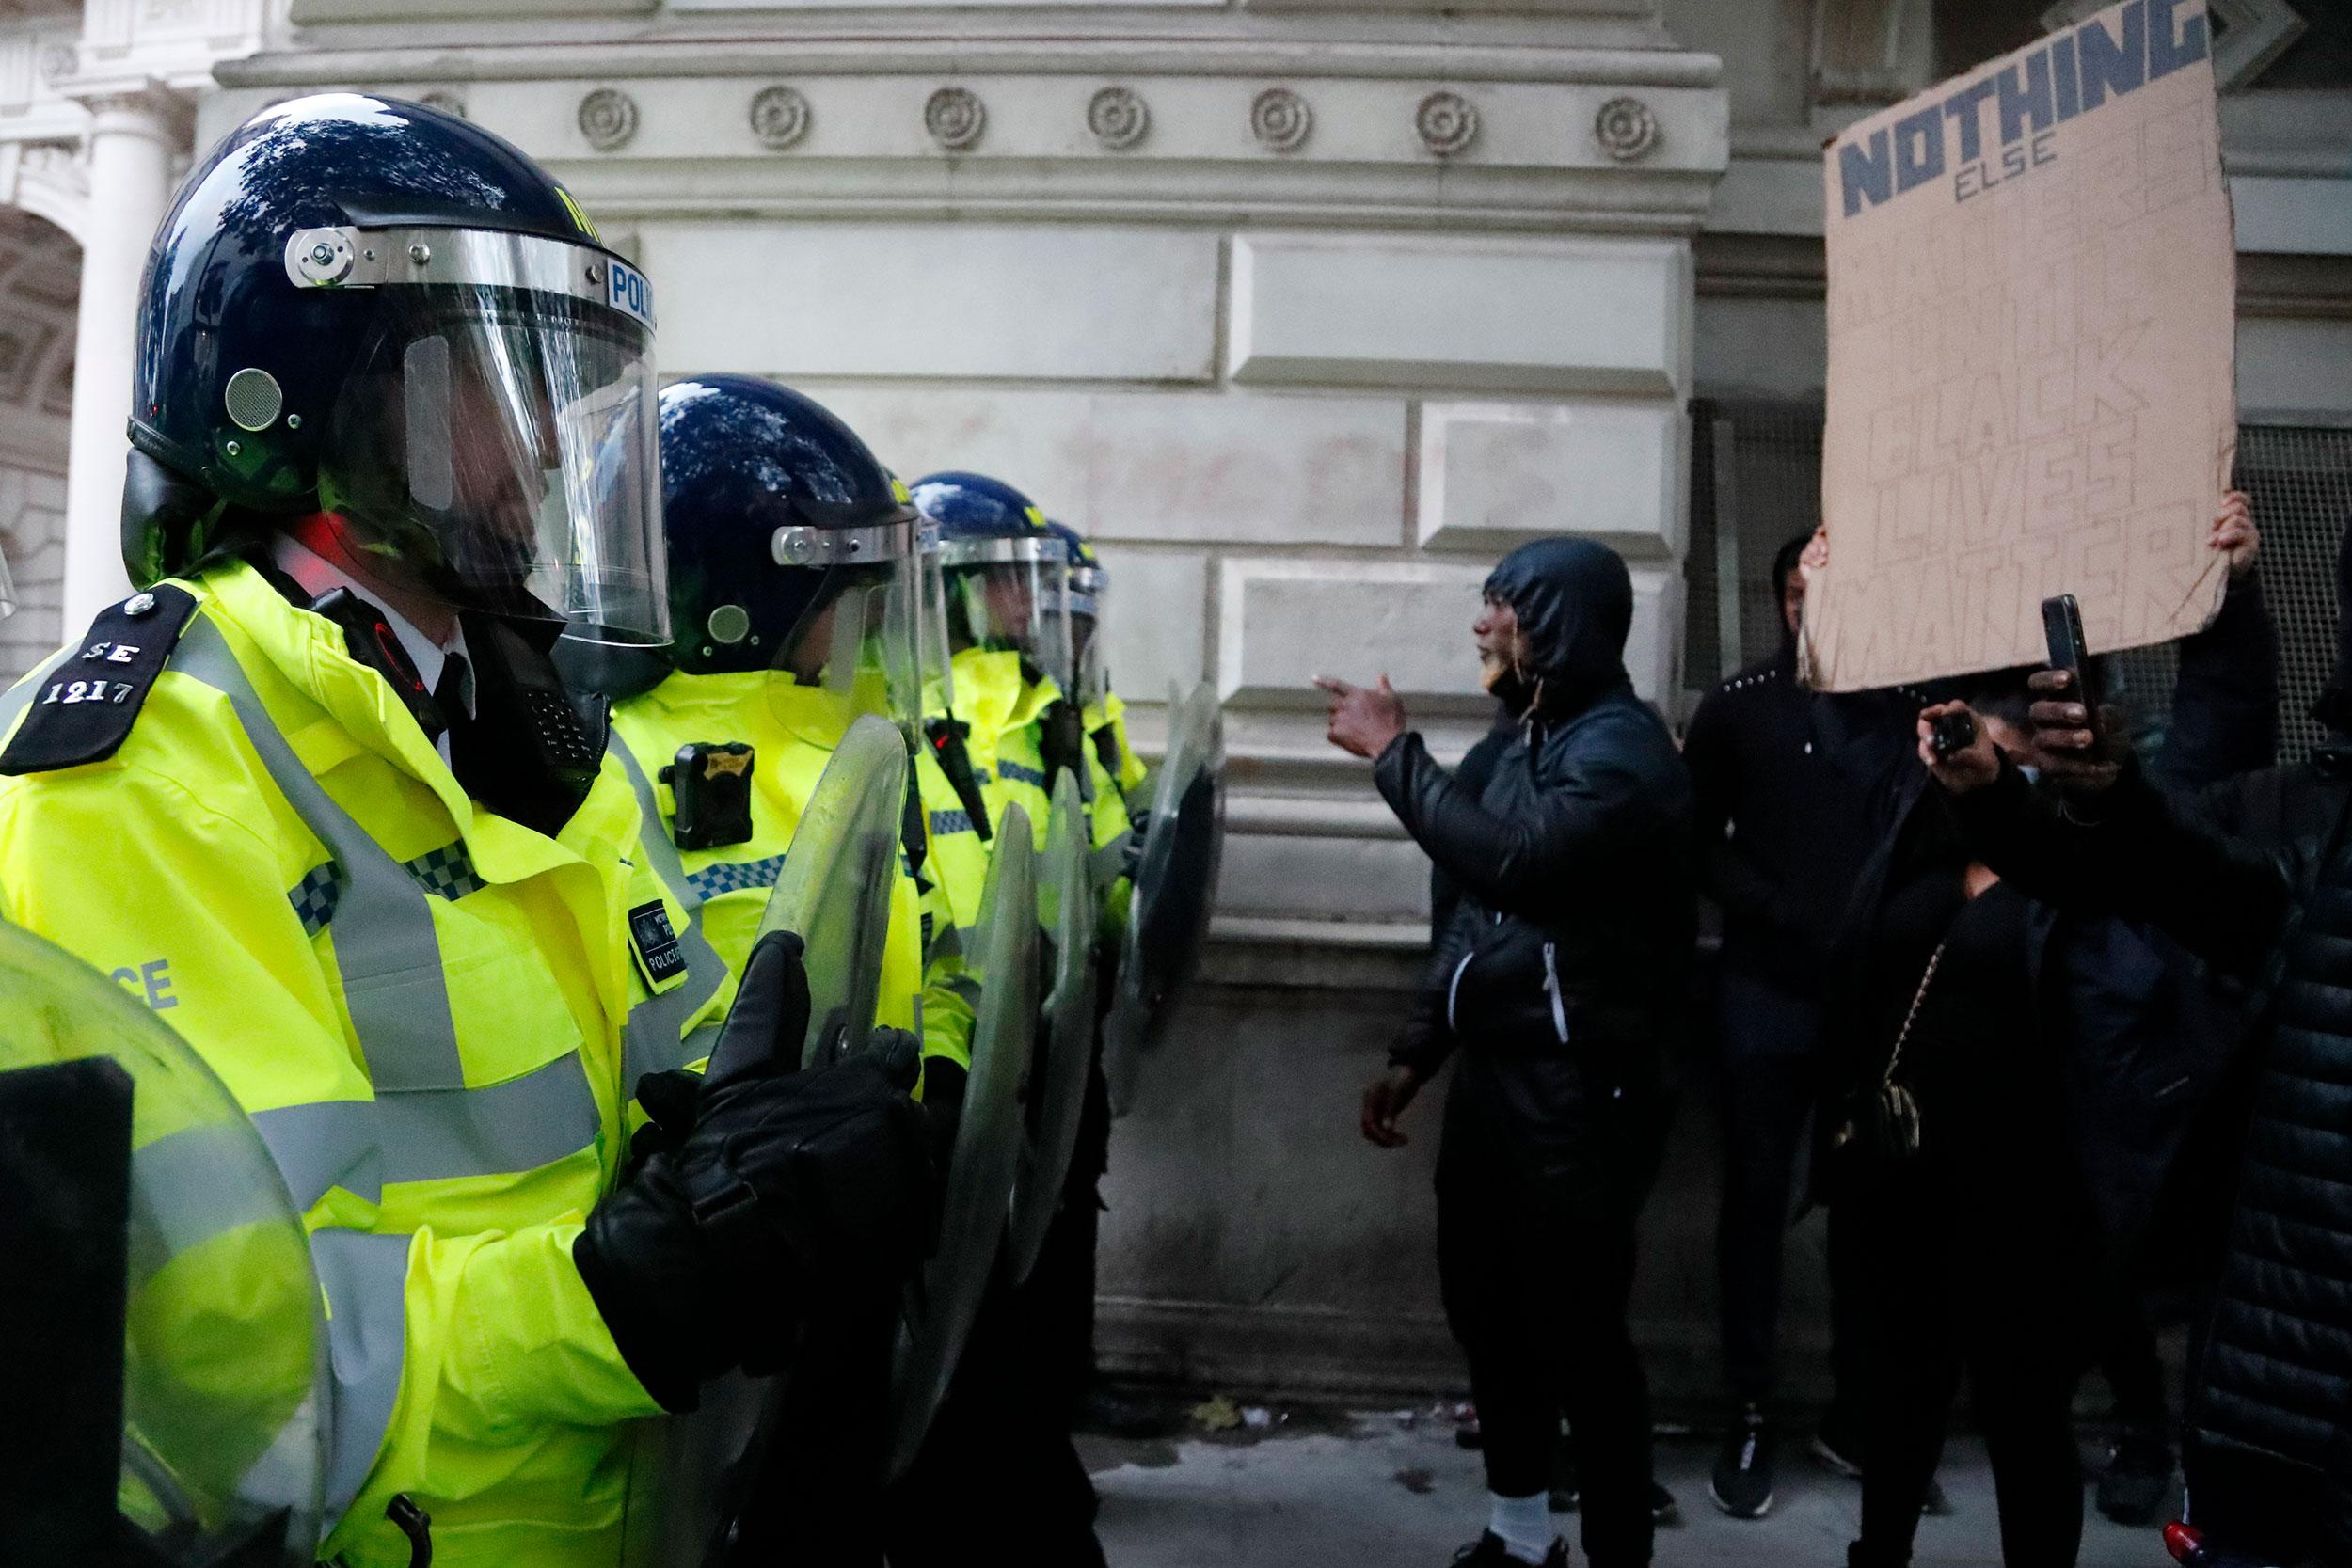 اعتراضات آمریکاییها به نژادپرستی وارد سیزدهمین روز خود شد